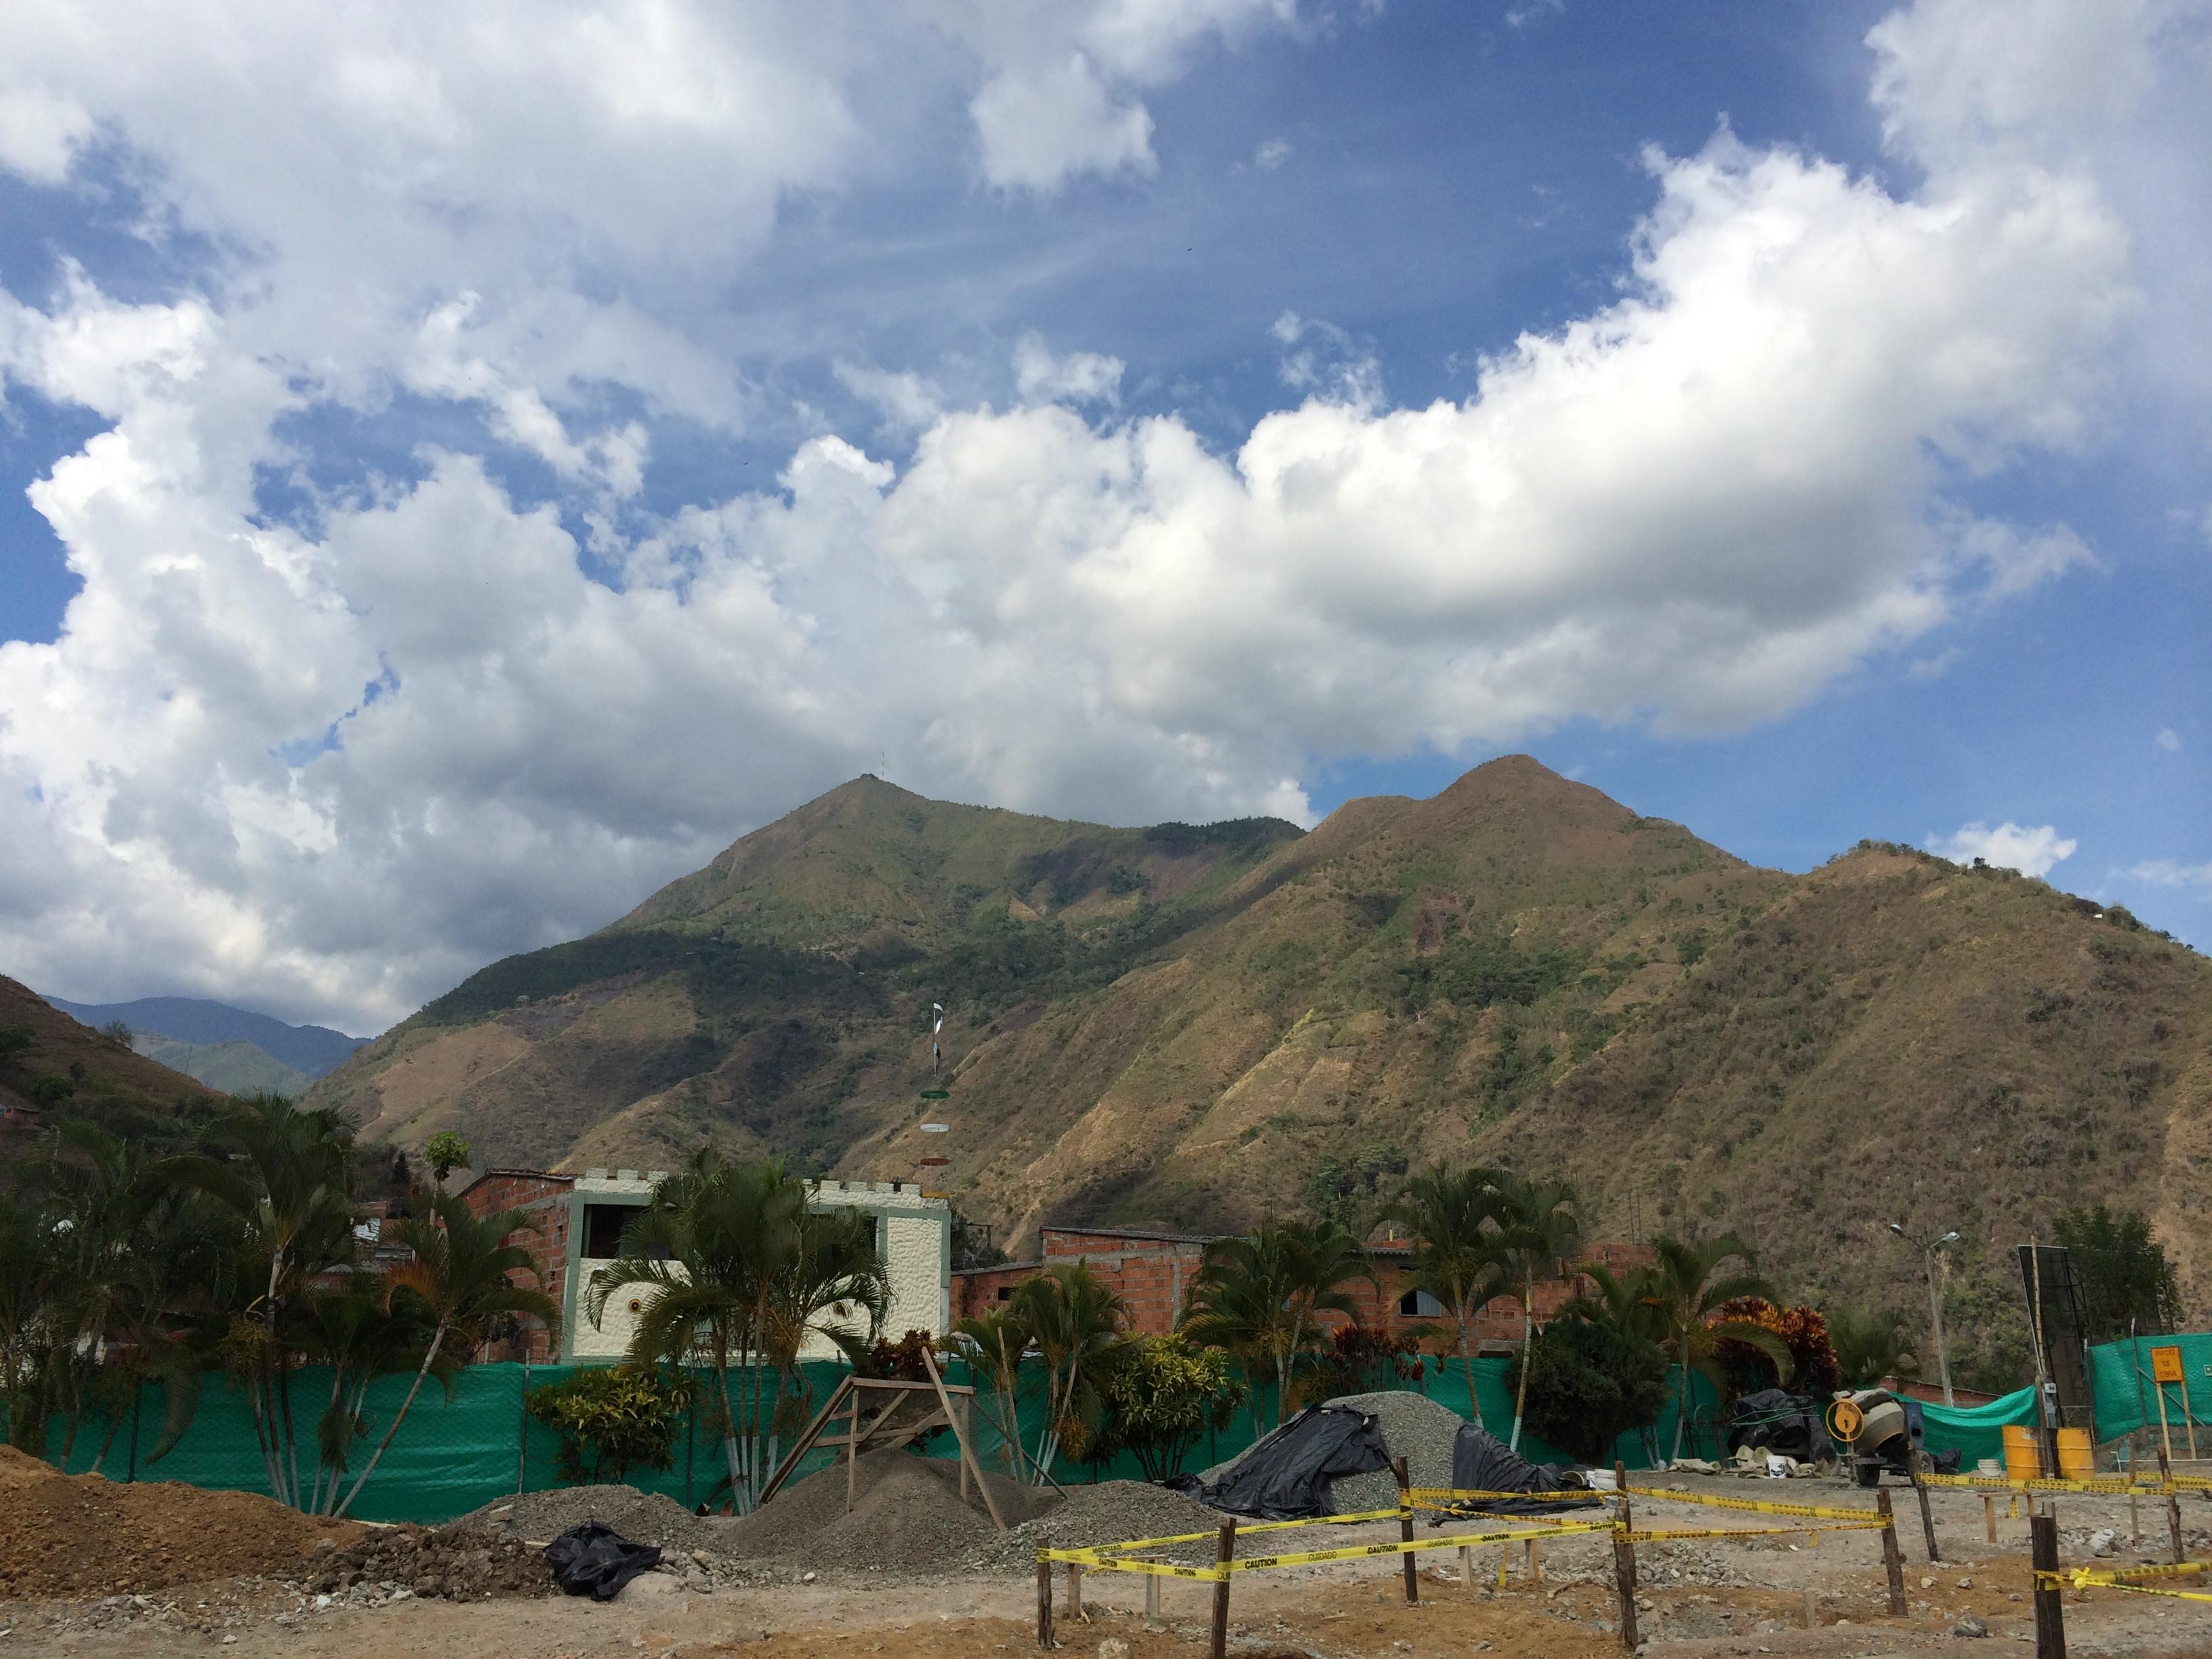 Parque Educativo Peque, en proceso